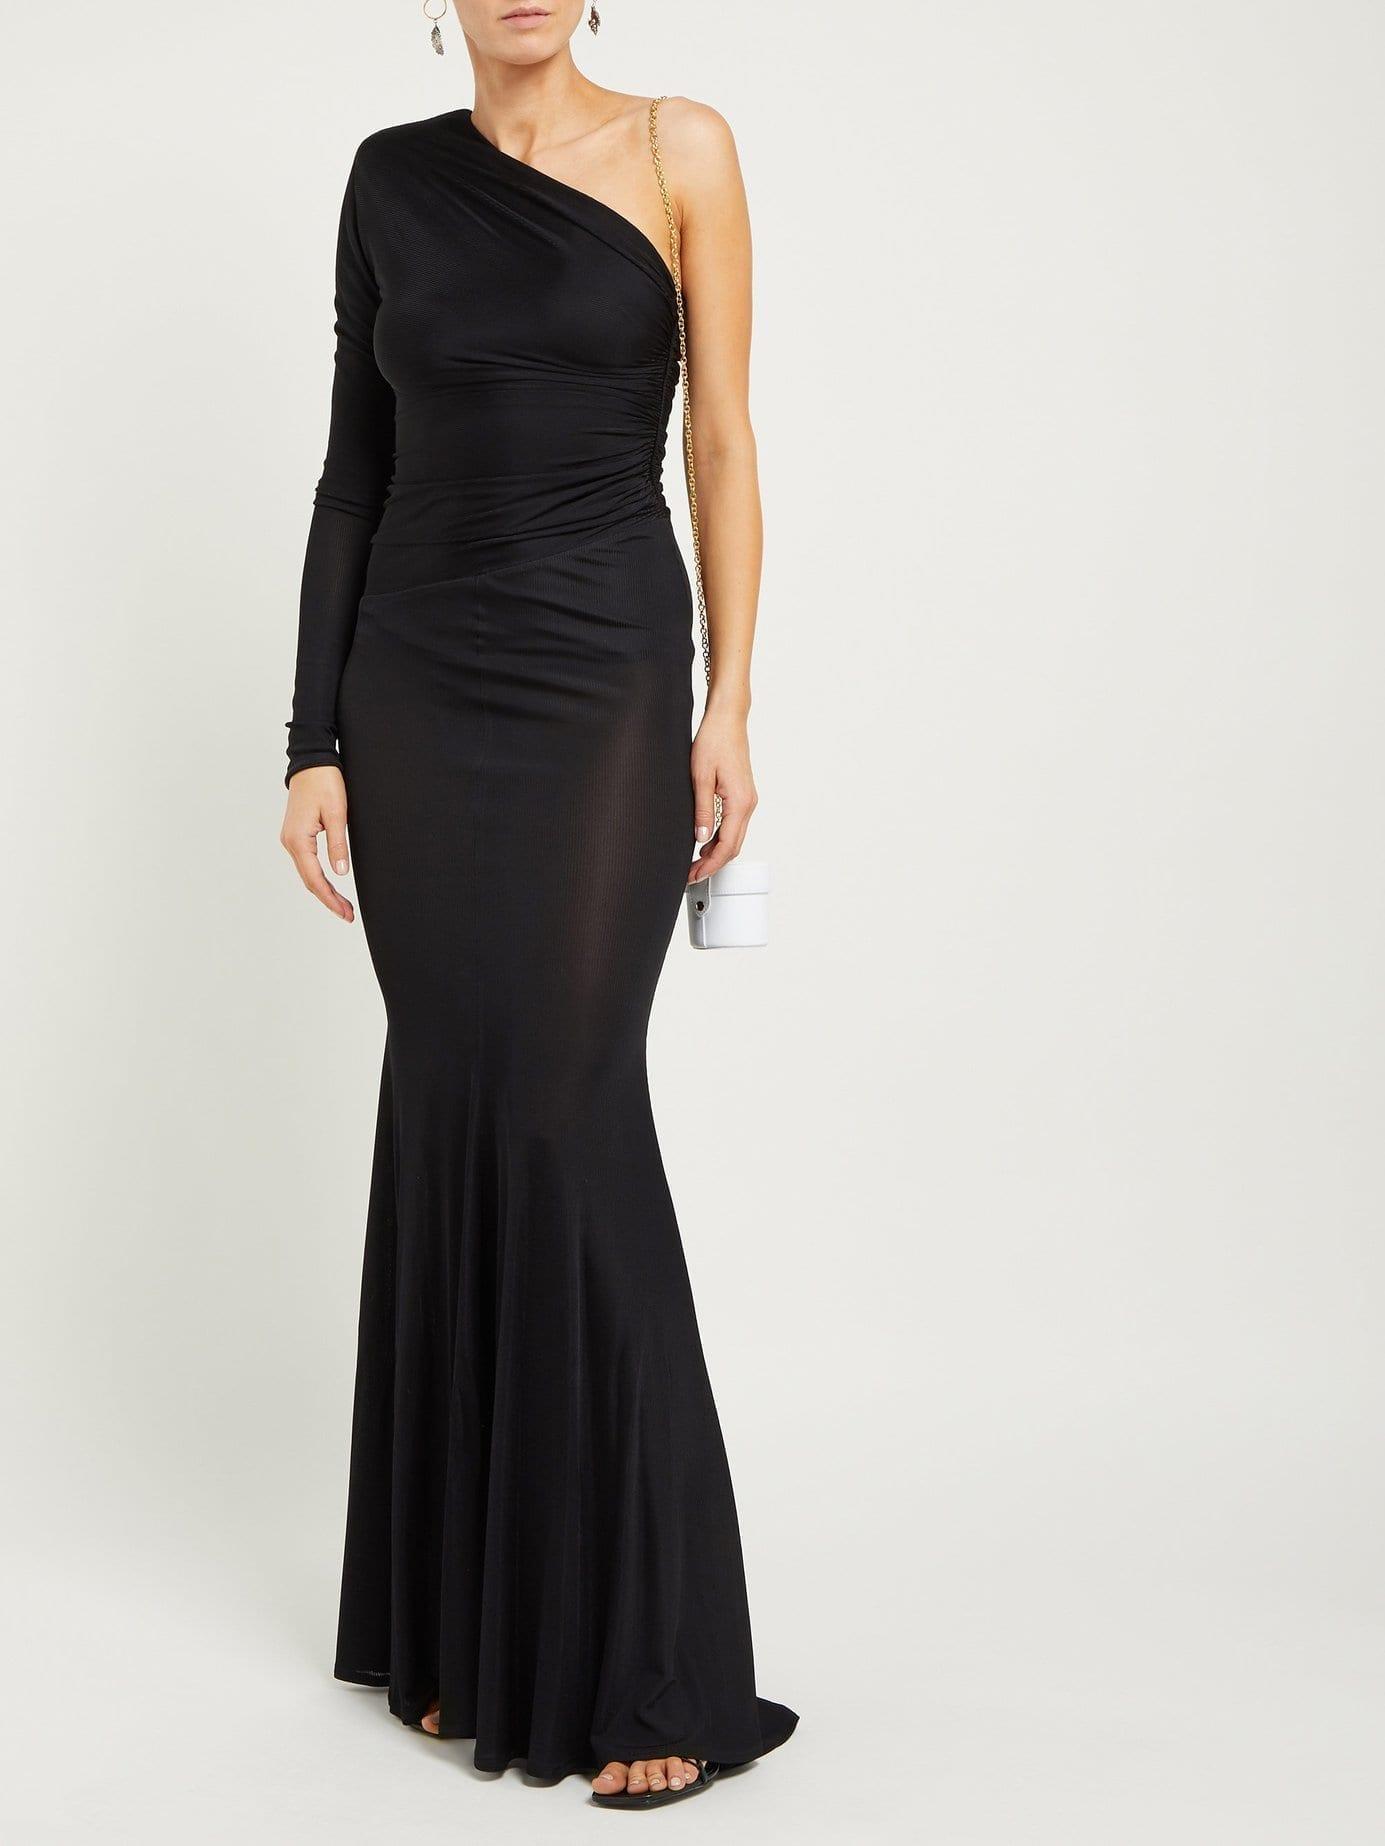 ALEXANDRE VAUTHIER One-Shoulder Ruched Fishtail-Hem Black Dress